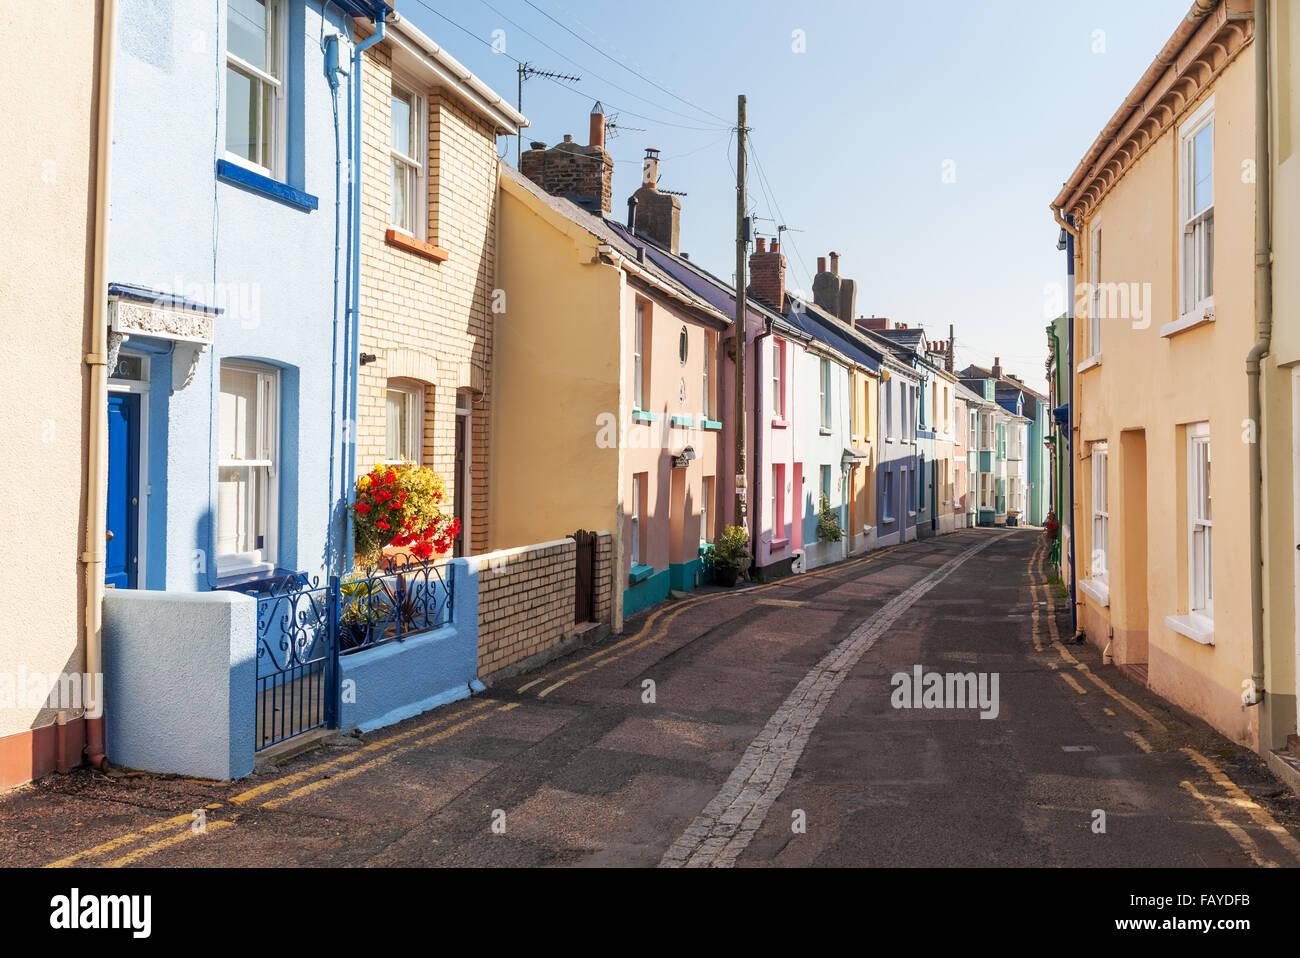 Multicolore, maisons en terrasse dans une rue d'Appledore, North Devon, UK Photo Stock